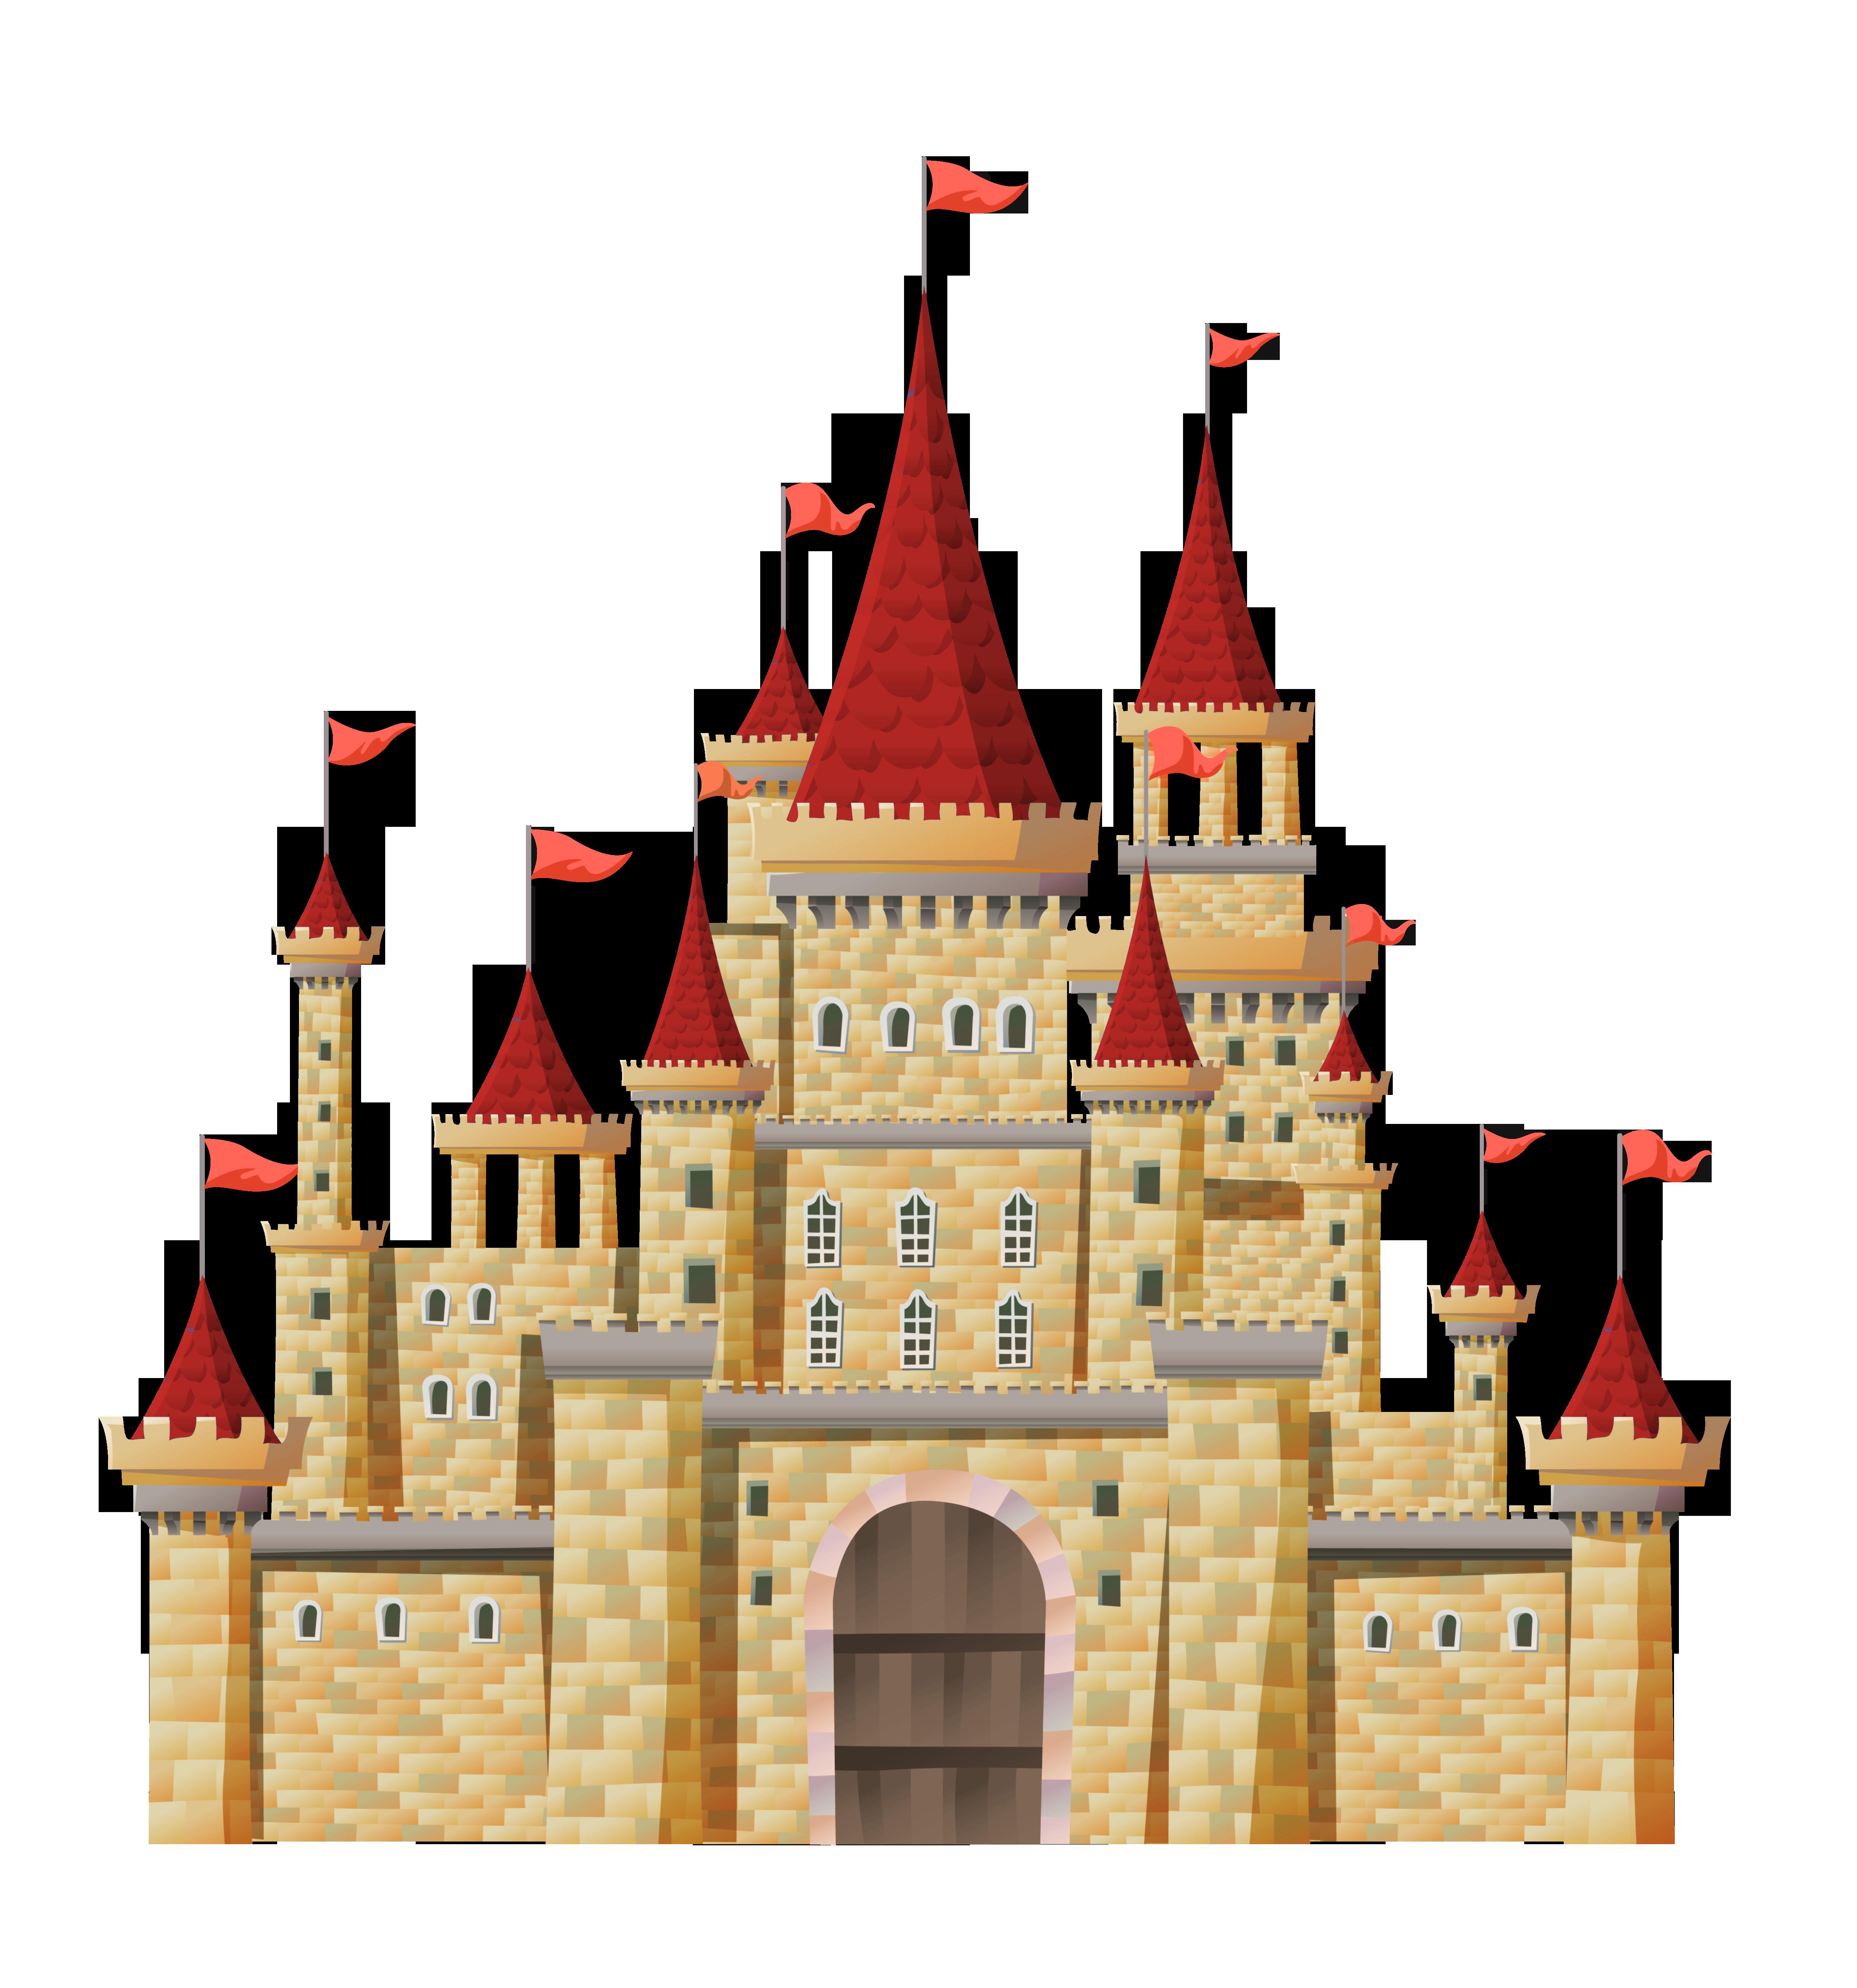 Free Disney Castle Clipart Best Cartoon Clip Art ⋆ ClipartView.com.